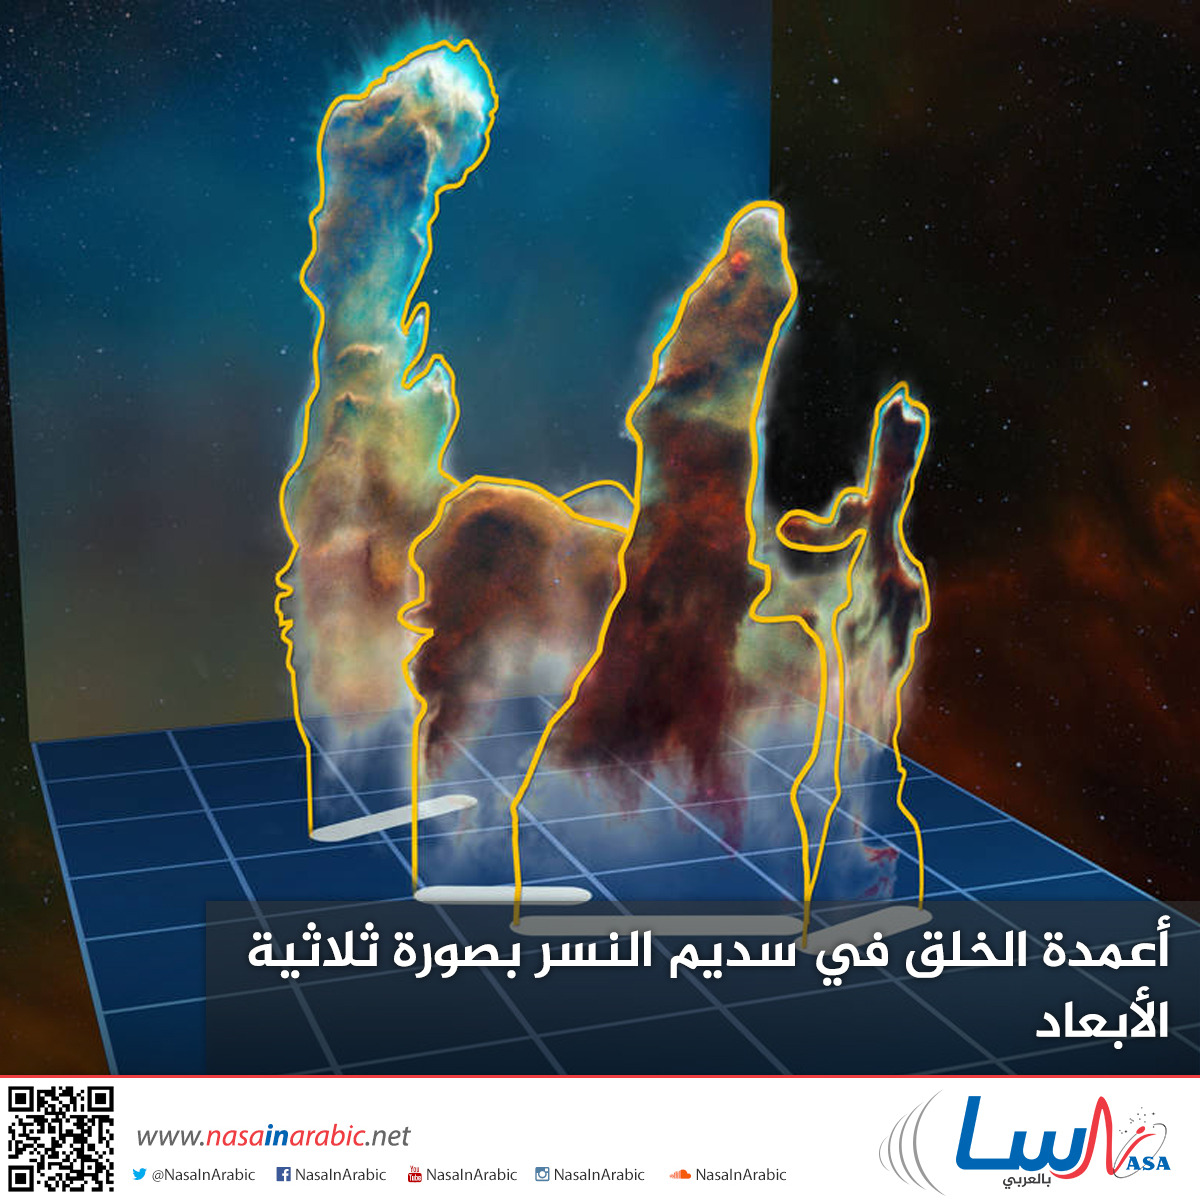 أعمدة الخلق في سديم النسر بصورة ثلاثية الأبعاد